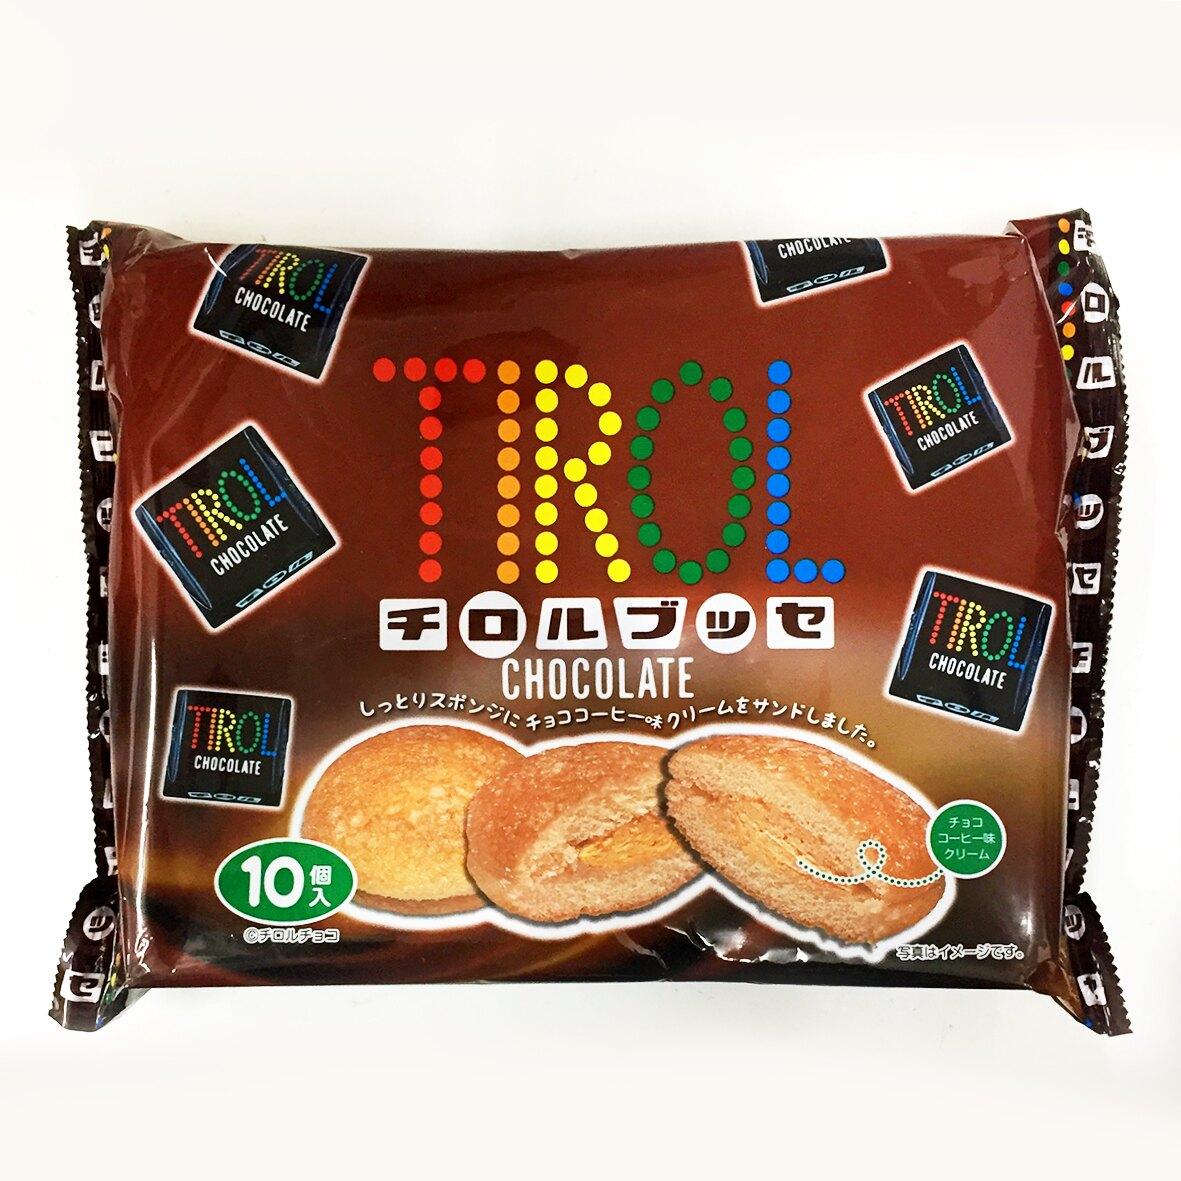 萬國屋 TRIOL咖啡巧克力泡芙 10個入